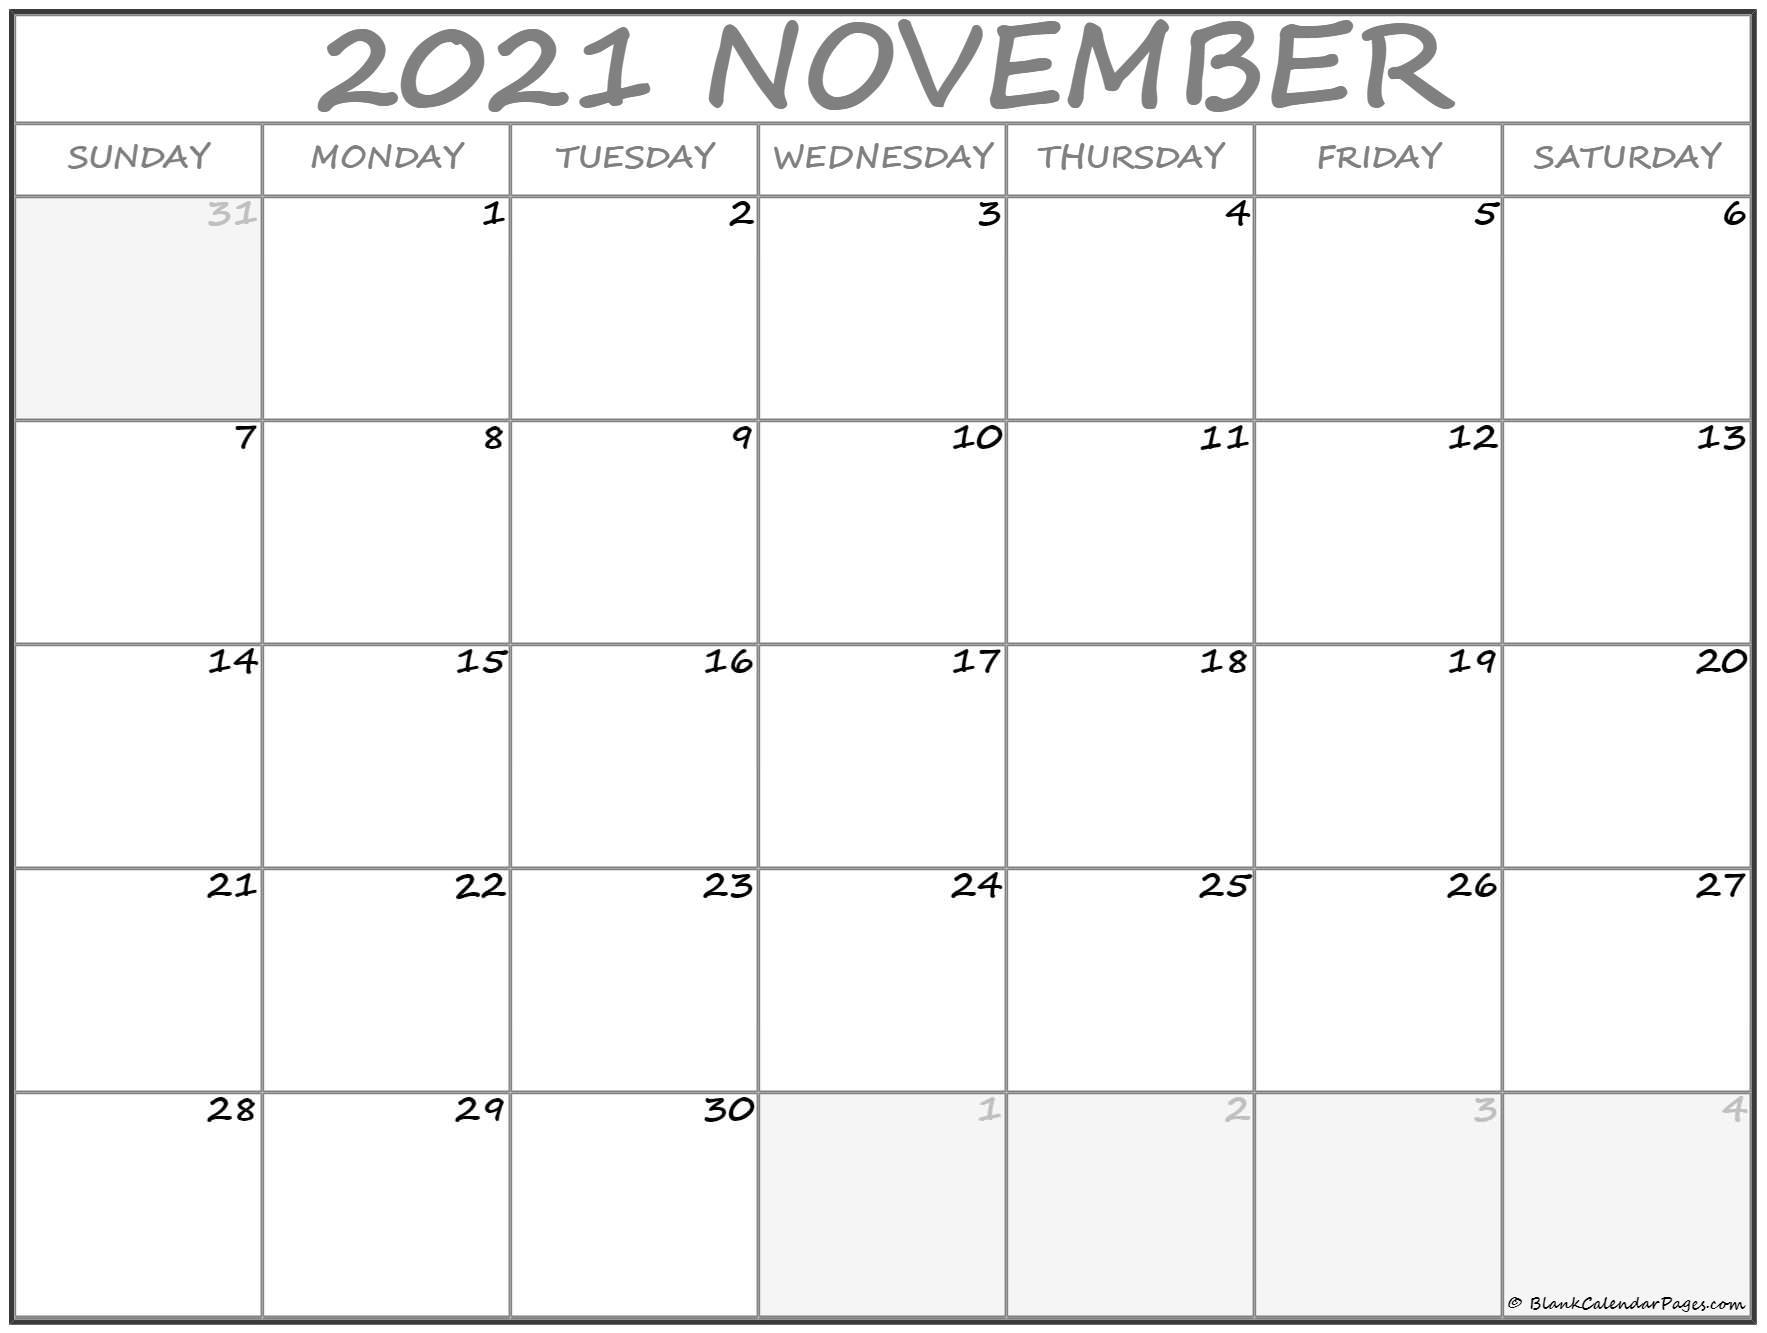 November 2021 Calendar | Free Printable Calendar Templates